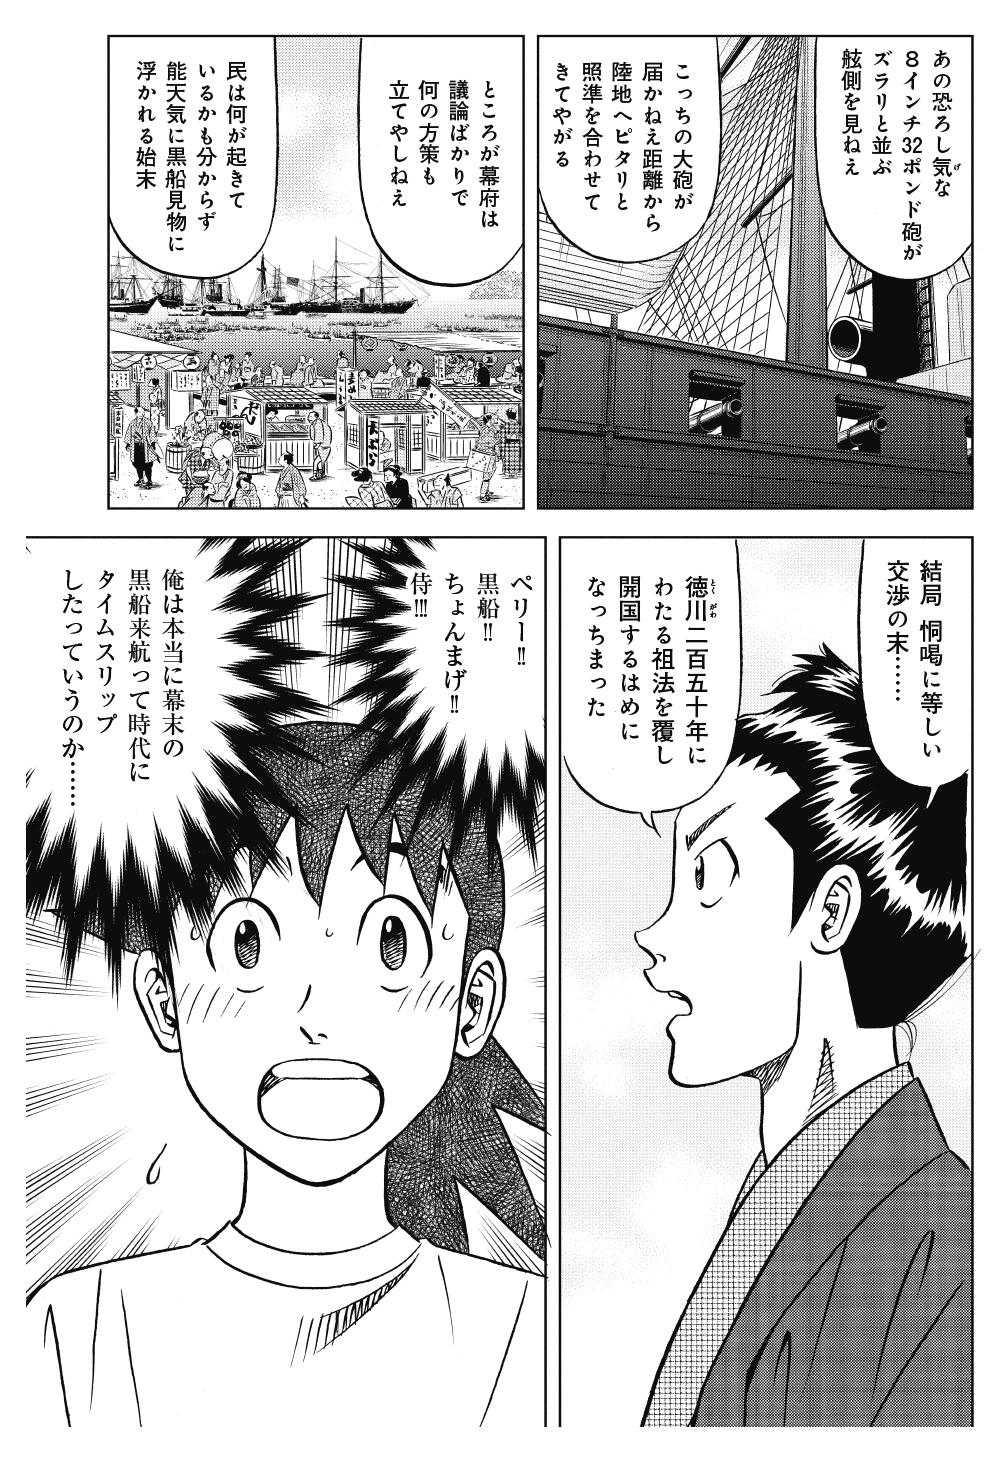 ミスター味っ子 幕末編 第1話「黒船来航」①ajikko10.jpg